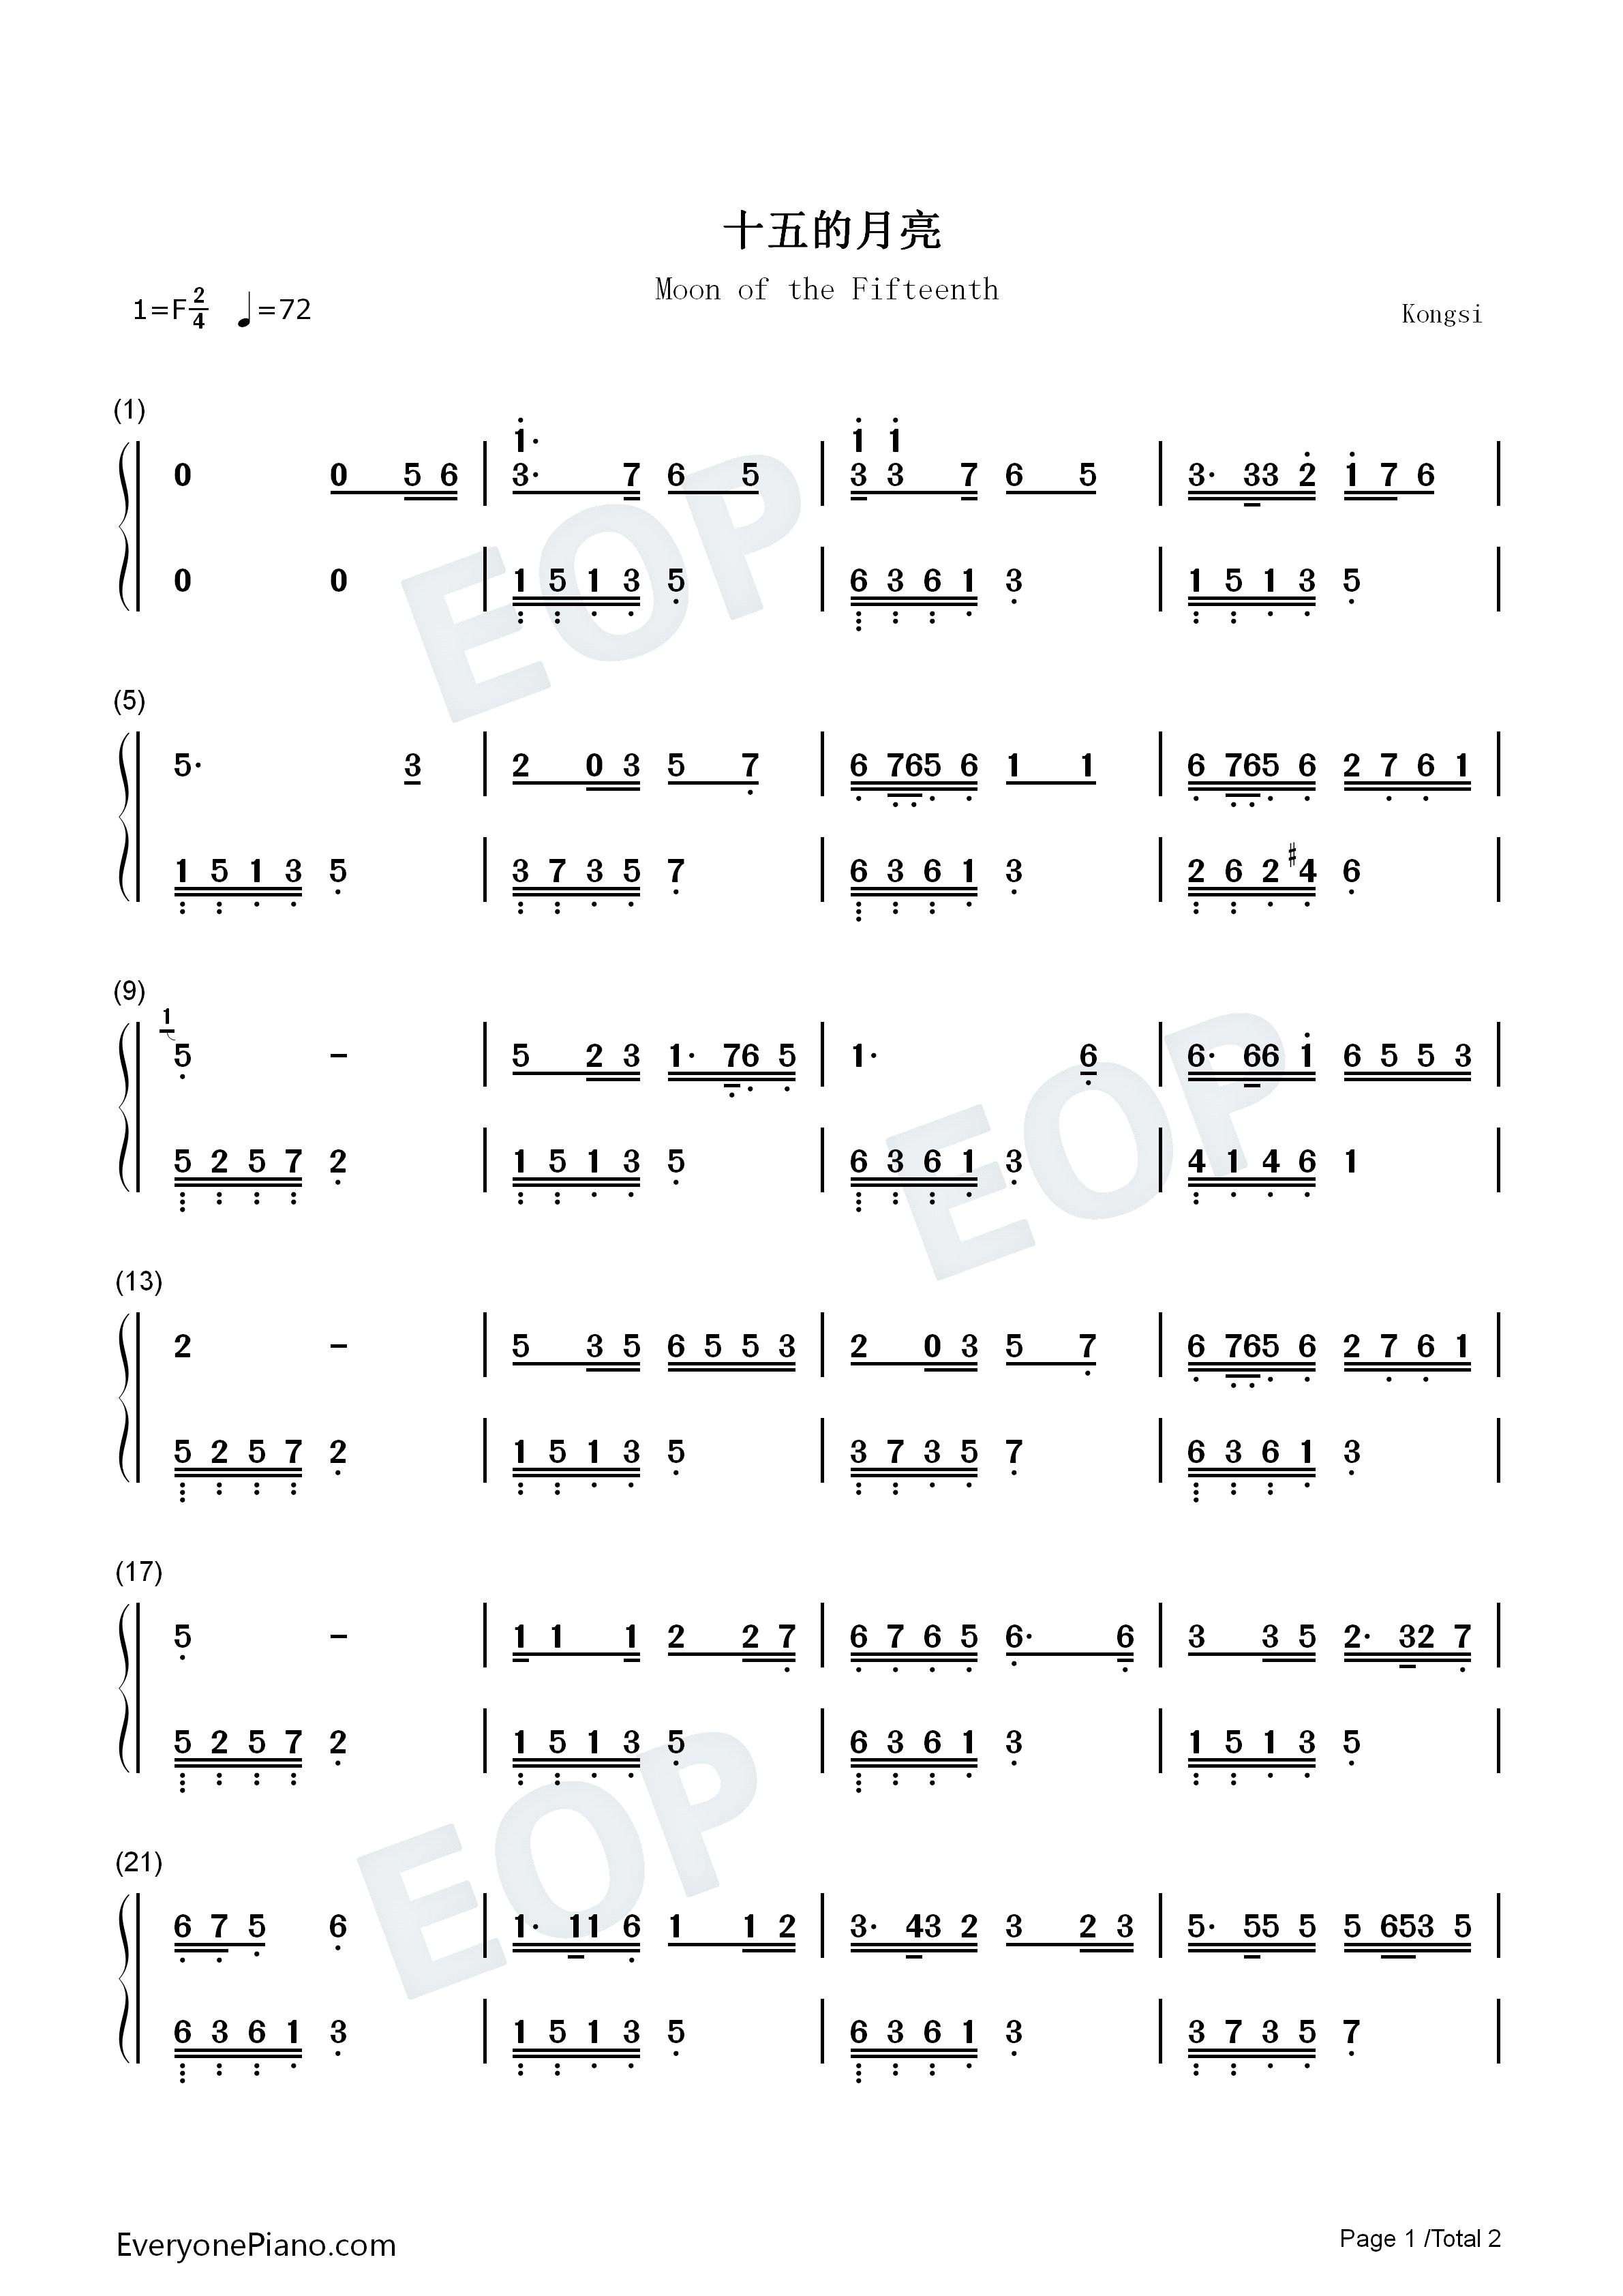 钢琴曲谱 民乐 十五的月亮-董文华 十五的月亮-董文华双手简谱预览1